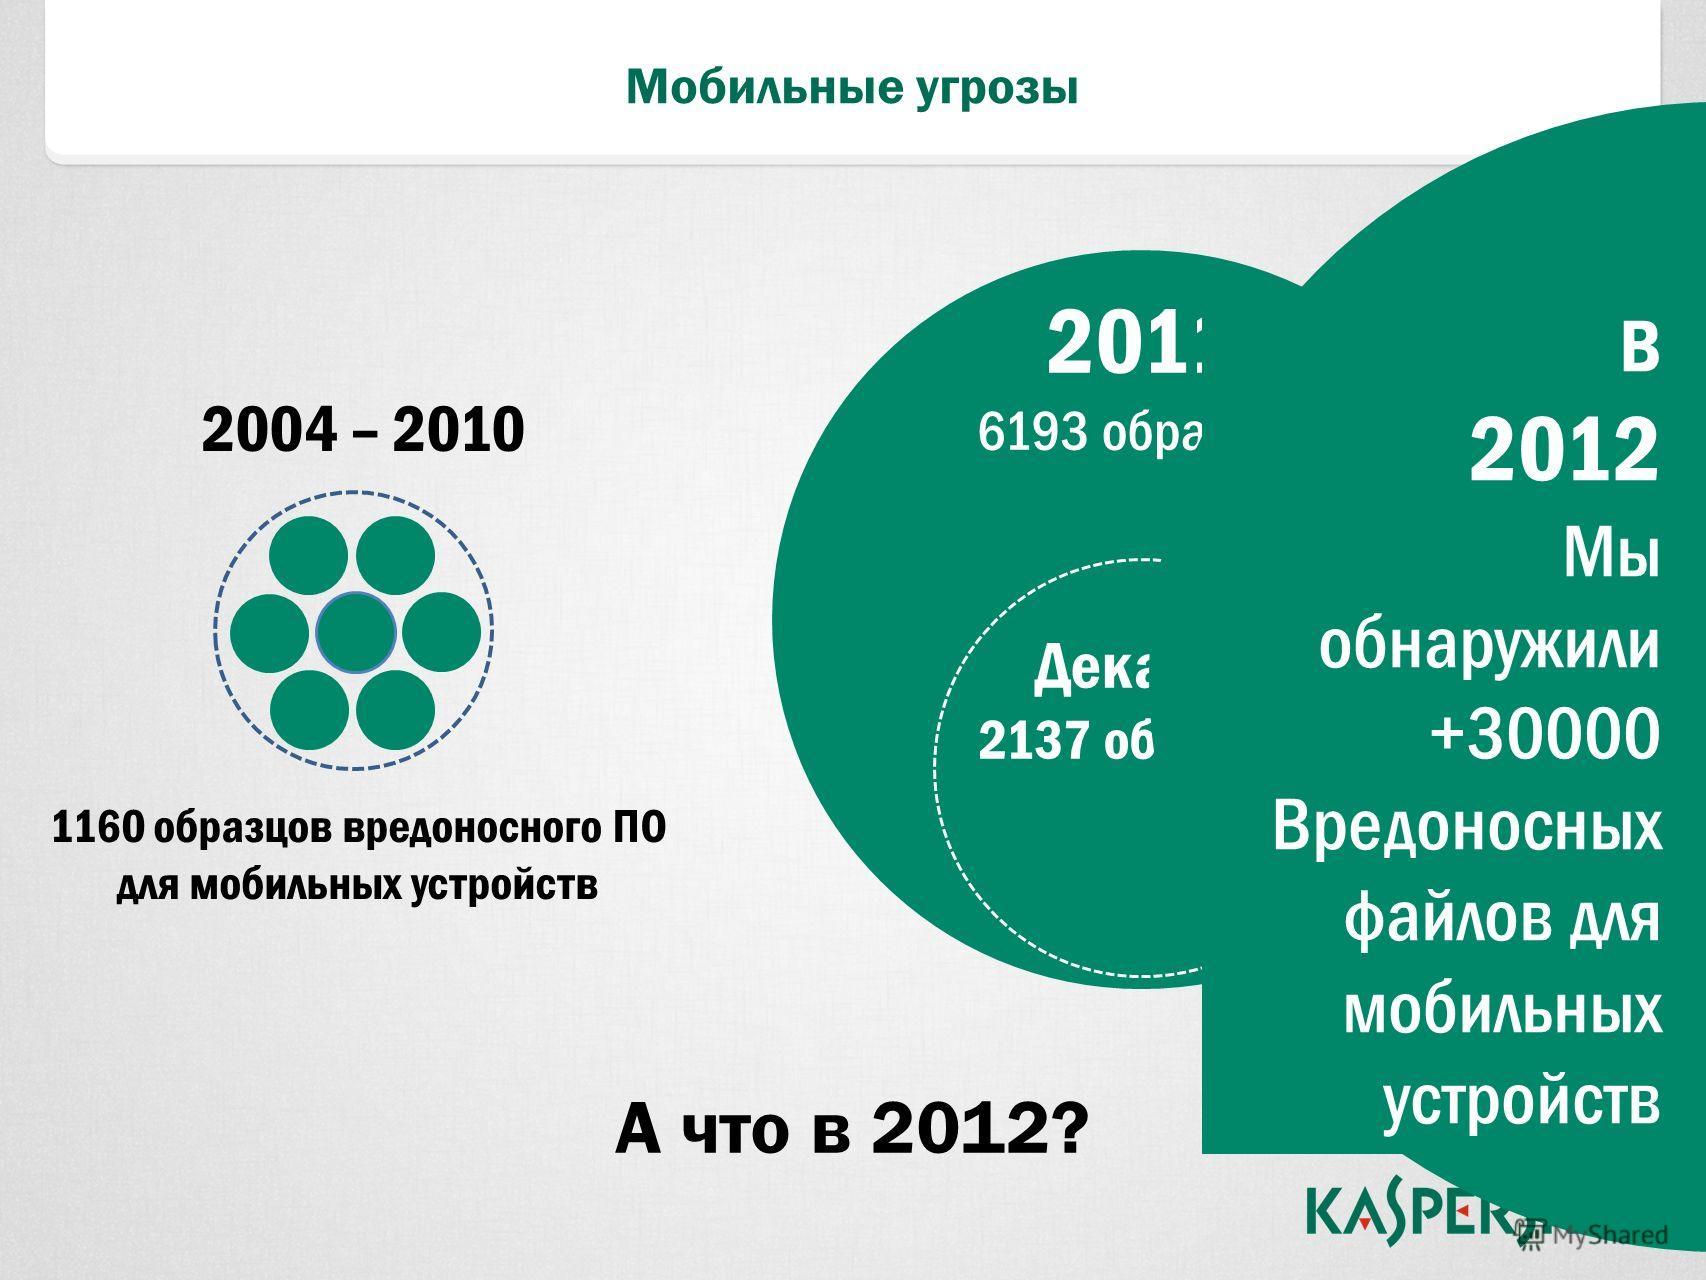 Мобильные угрозы 1160 образцов вредоносного ПО для мобильных устройств 2004 – 2010 2011 6193 образцов Декабрь 2137 образцов А что в 2012? В 2012 Мы обнаружили +30000 Вредоносных файлов для мобильных устройств